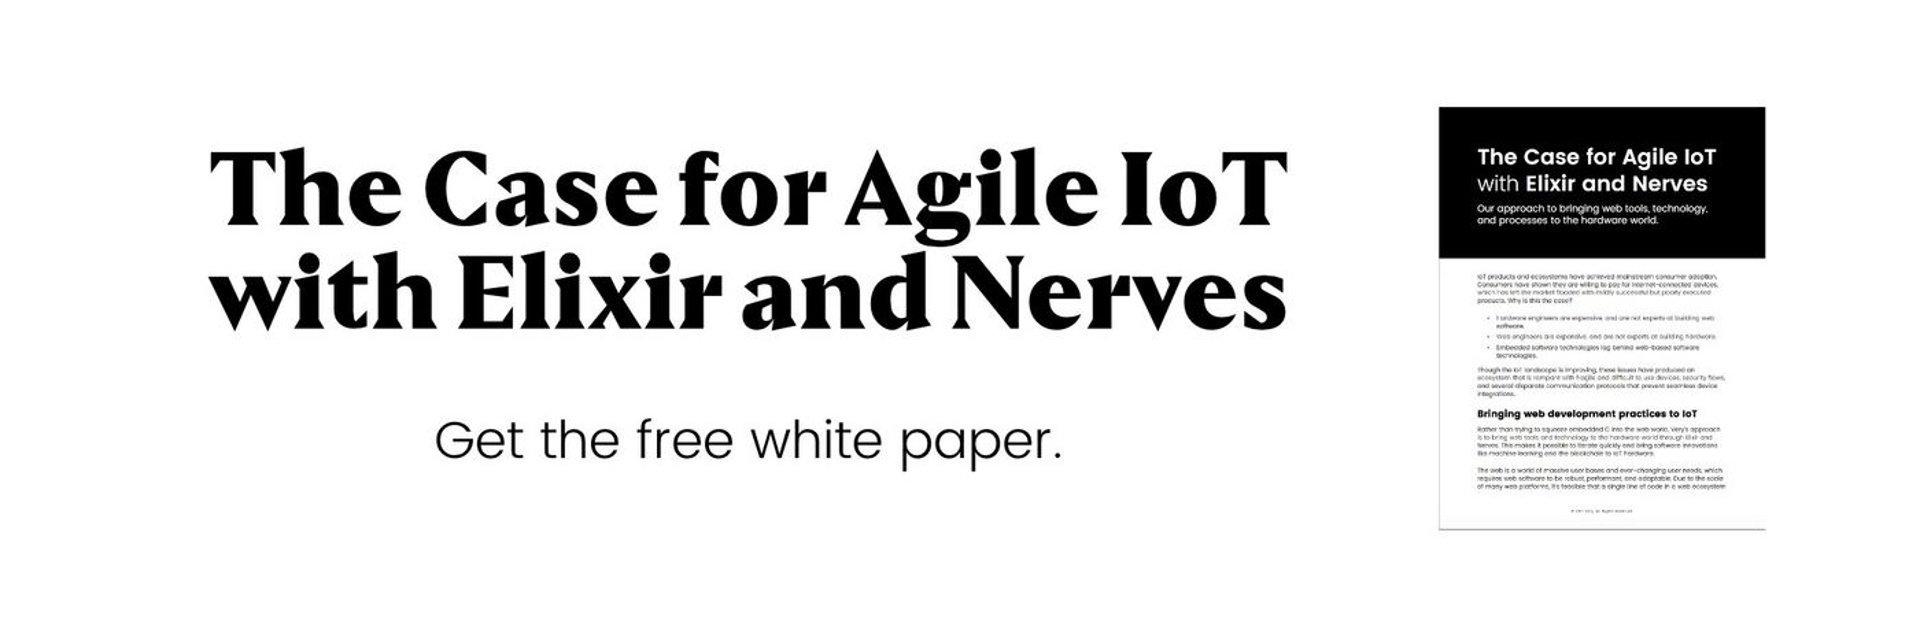 agile IoT elixir nerves